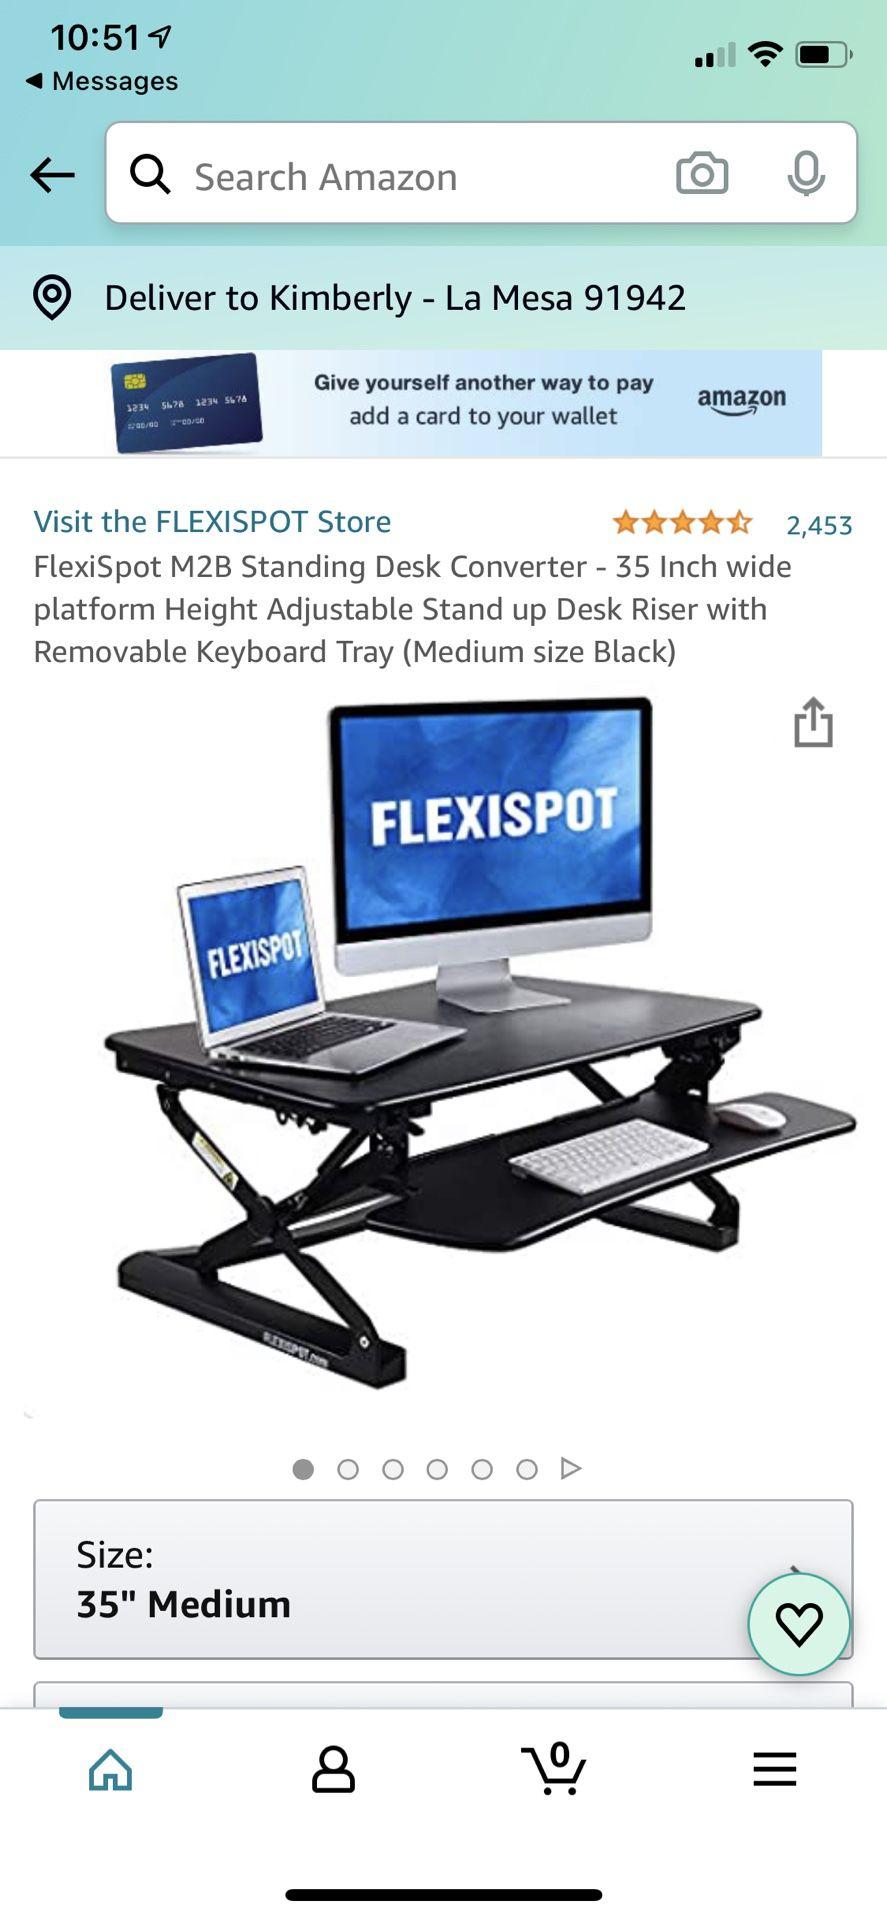 StandUp Desk Riser